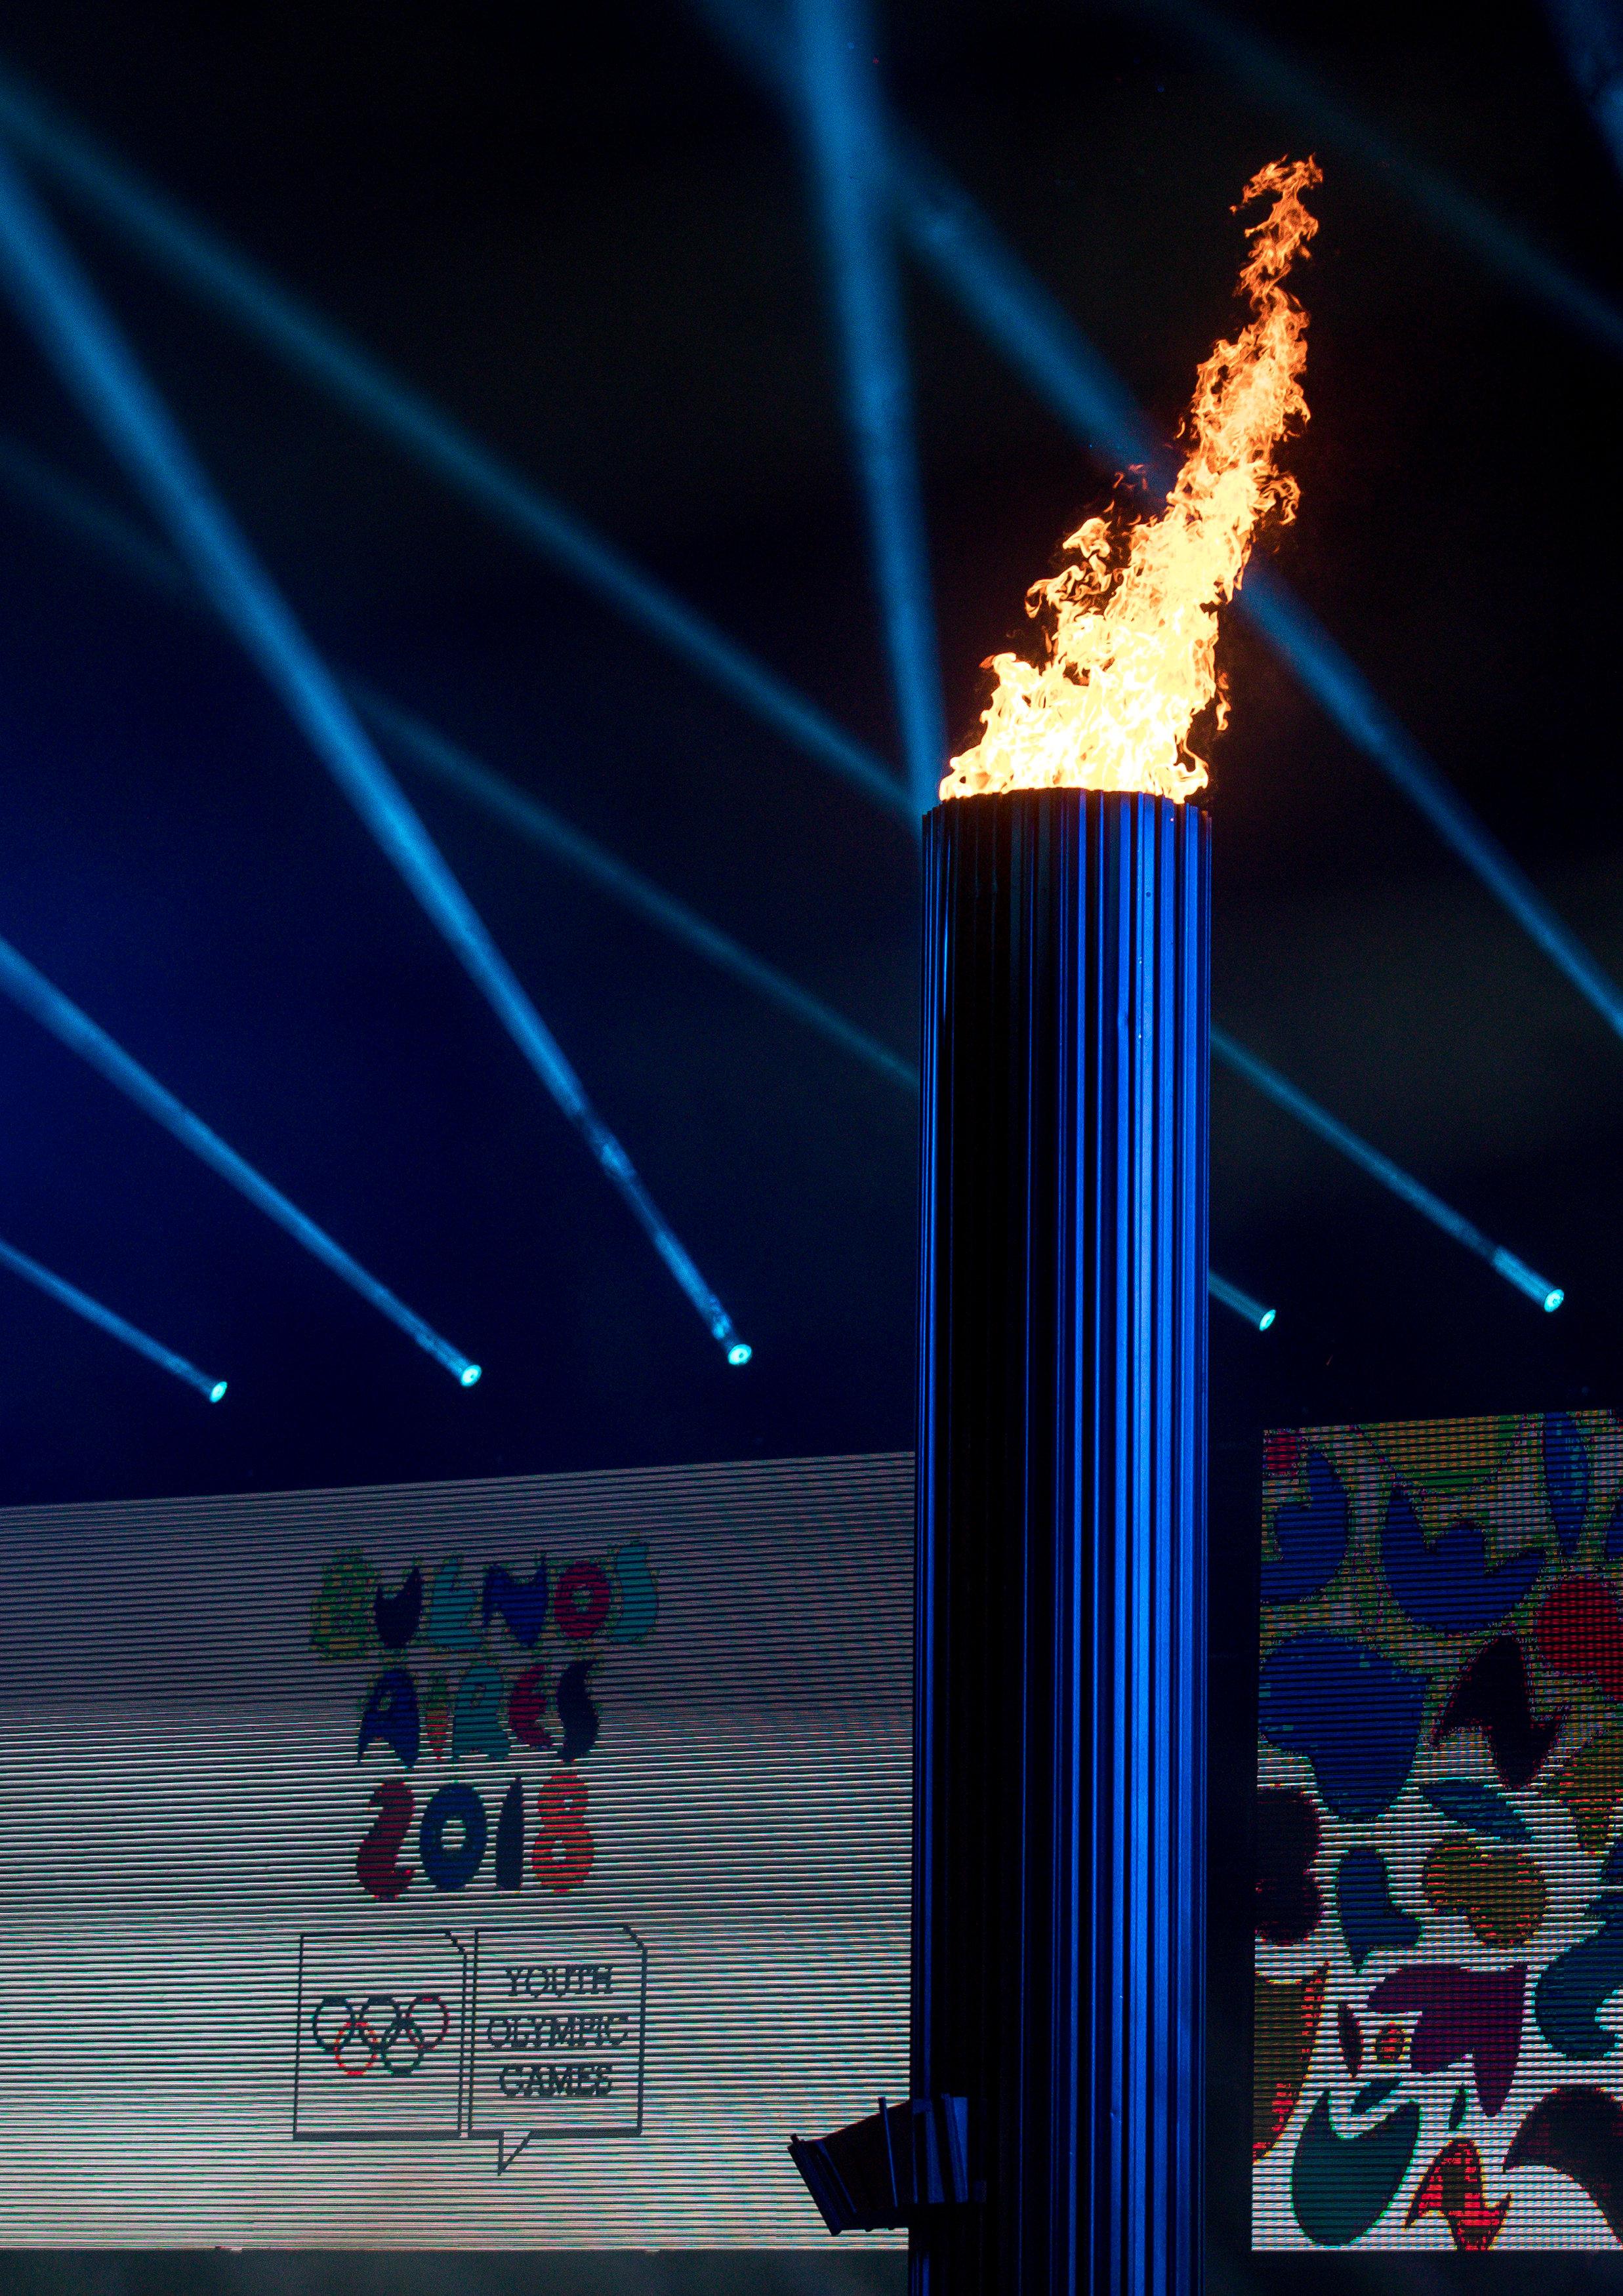 اشعال الشعلة خلال حفل افتتاح الألعاب الأولمبية للشباب